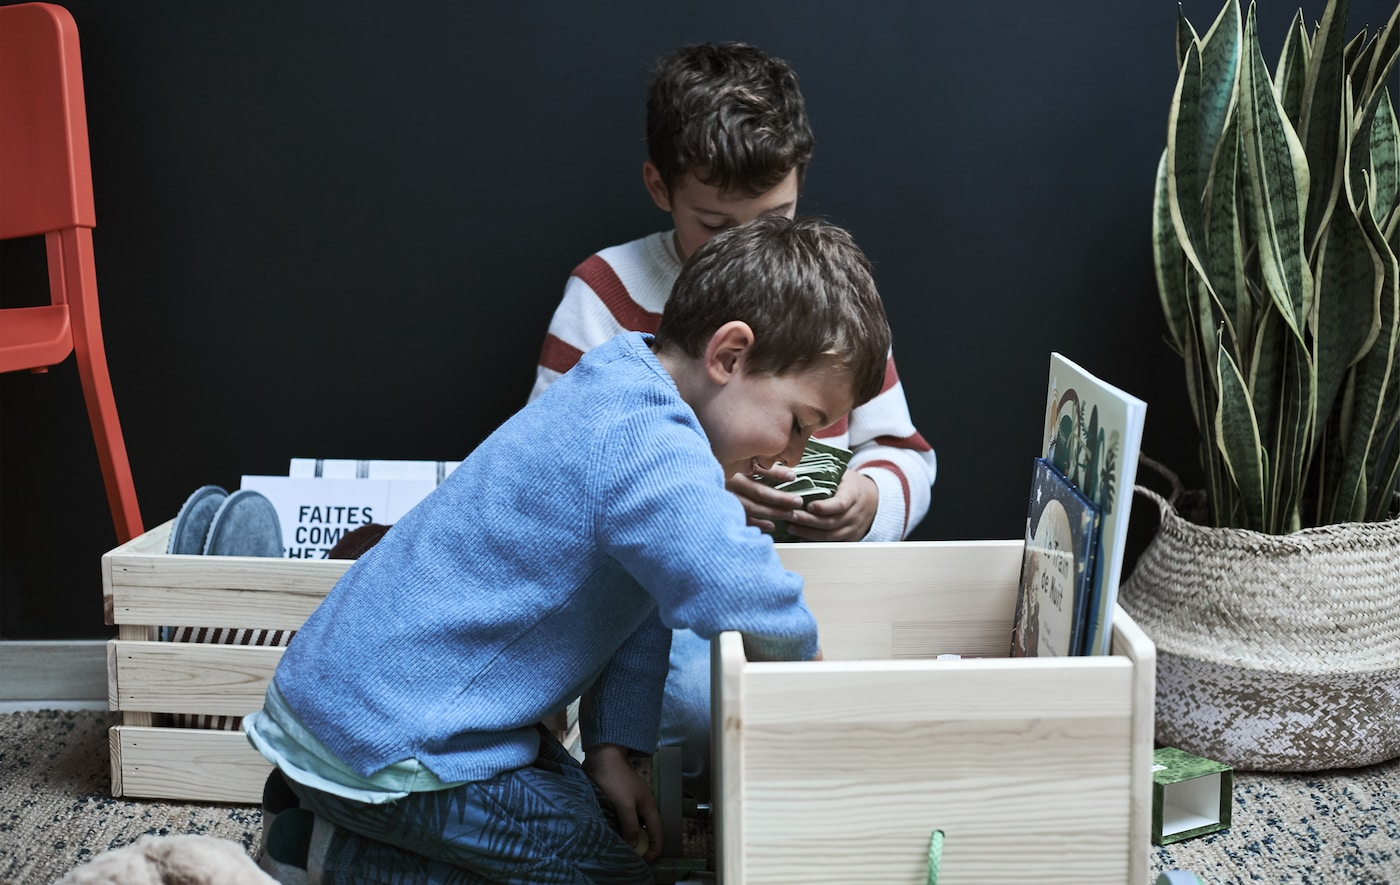 Deux garçons inspectant une boîte en bois remplie d'objets.